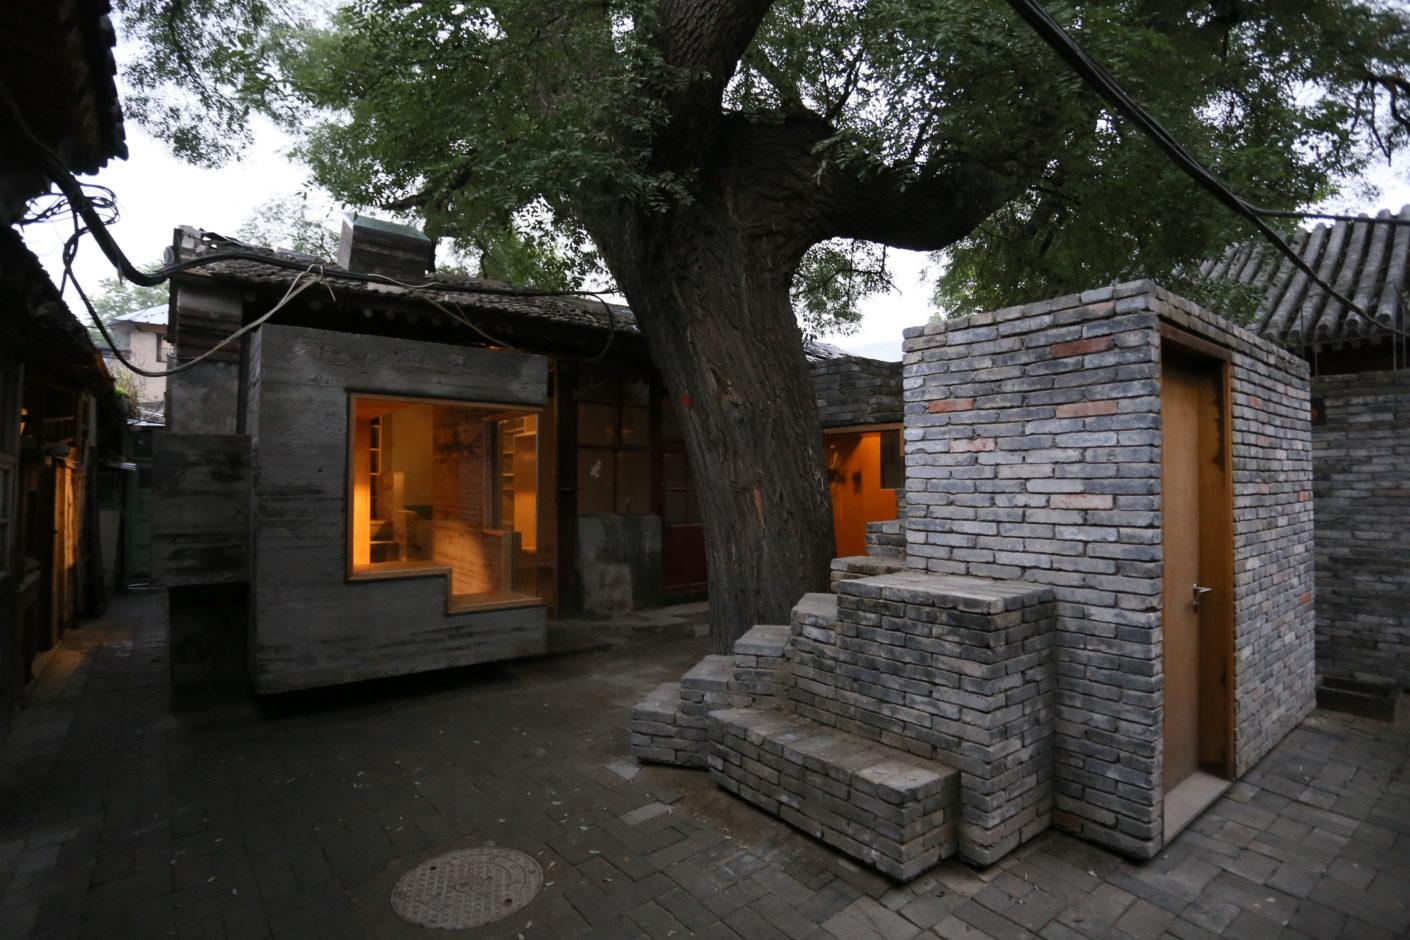 Micro Yuan'er by Zhang Ke, standardarchitecture, in Dashilar Hutong in Beijing, Beijing Design Week 2016